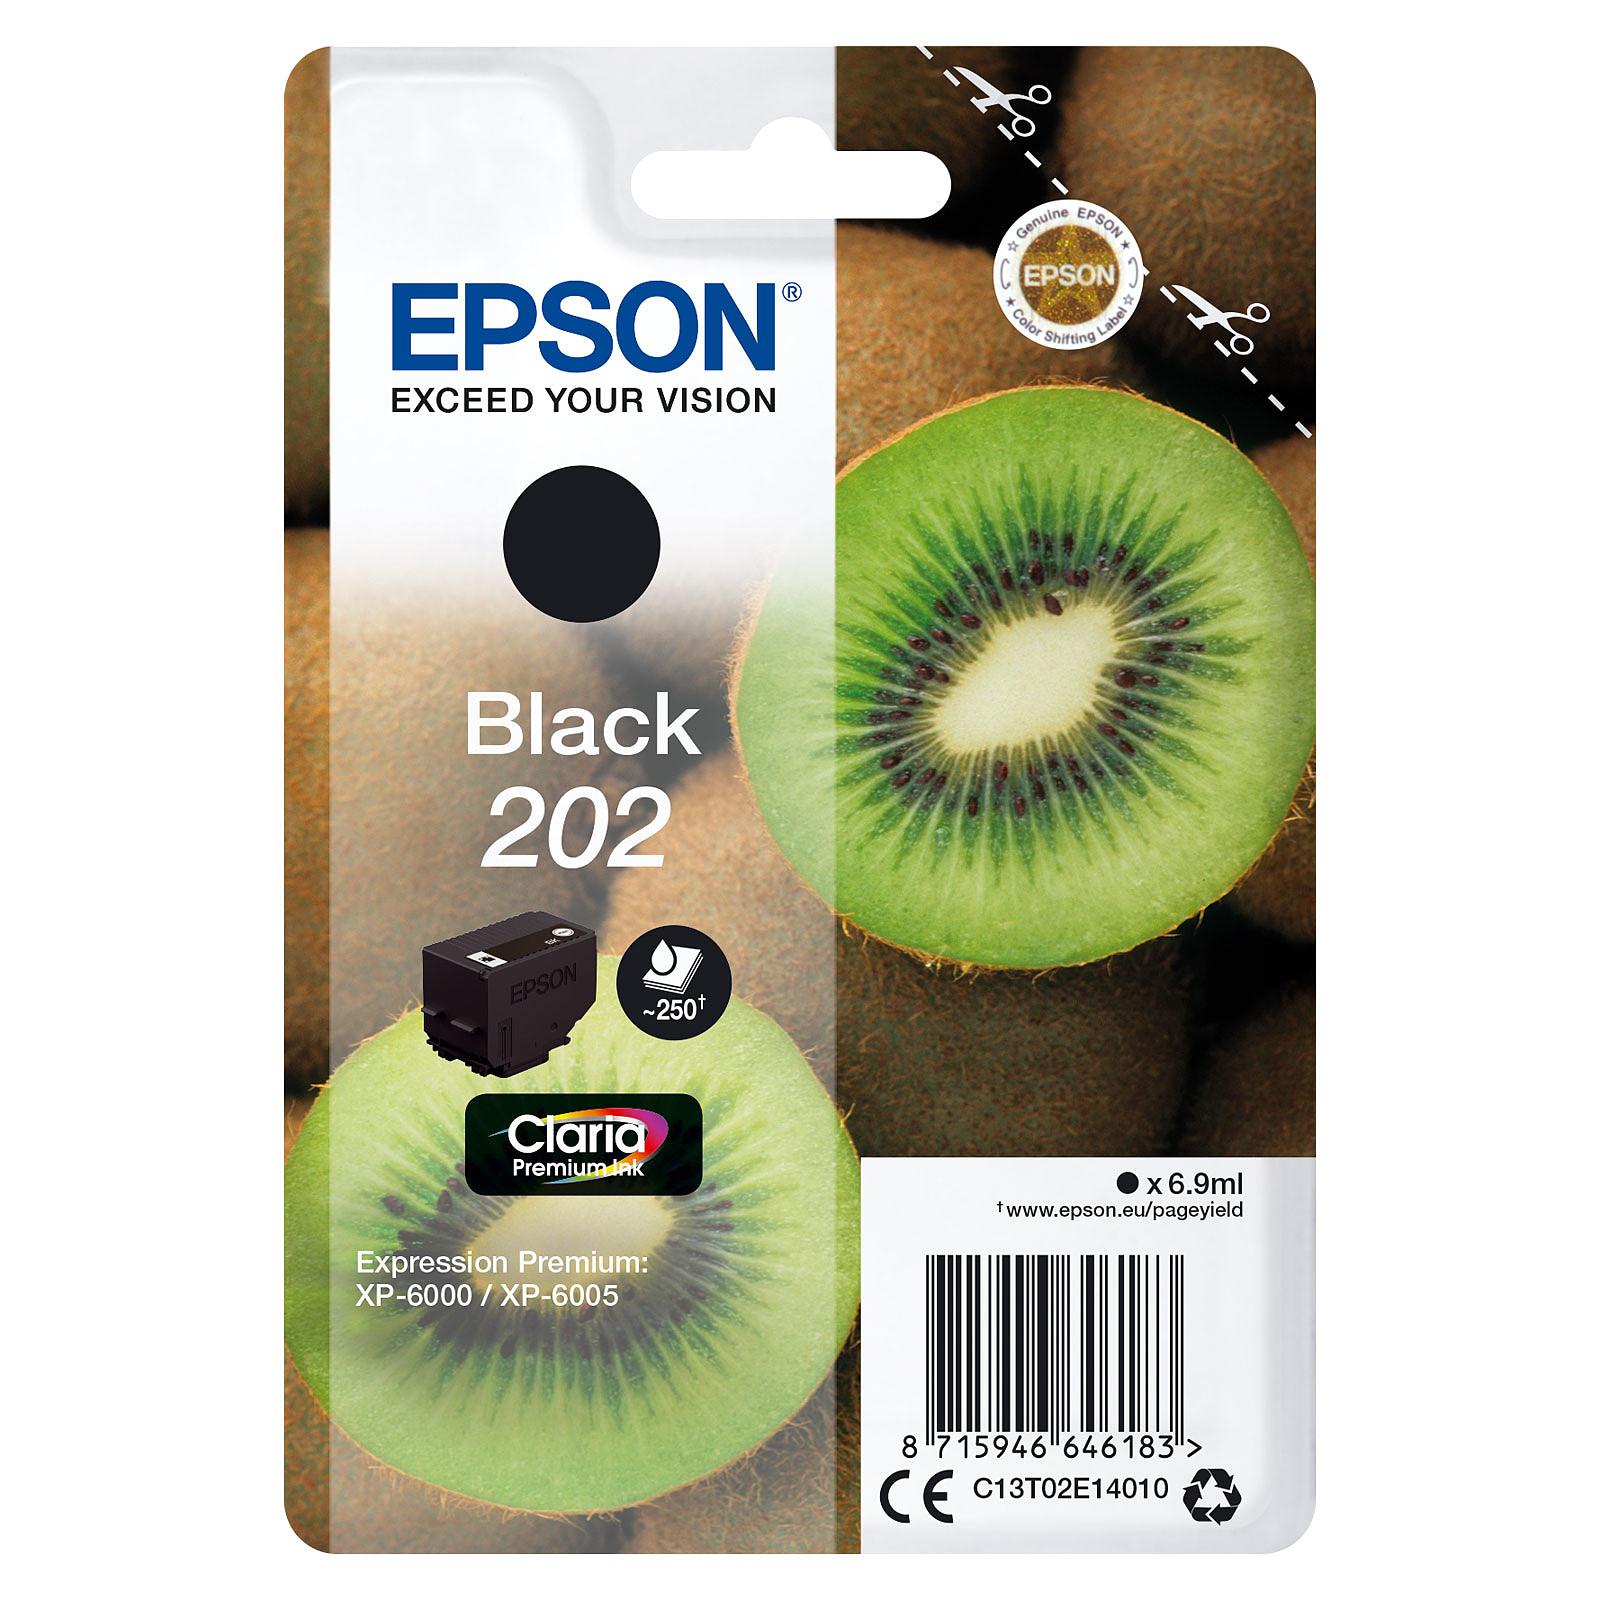 Epson Negro Kiwi 202